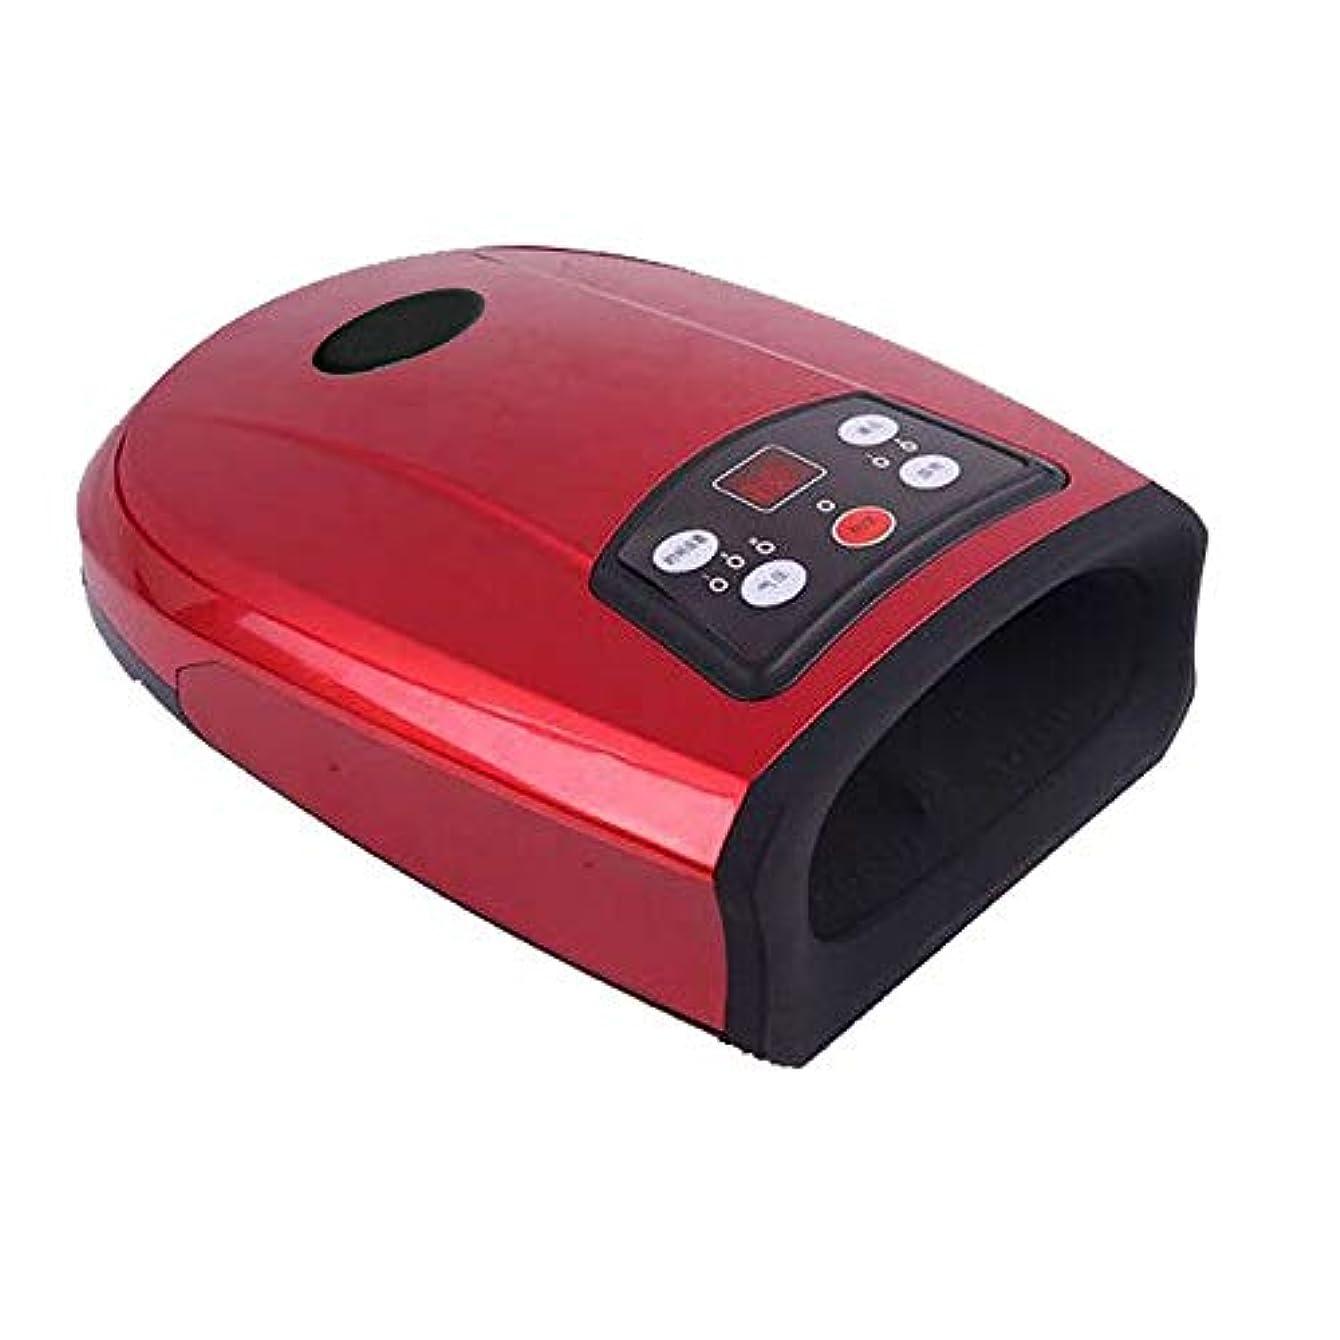 忠実な残る粘り強い指のための空気圧熱圧縮装置が付いている指圧のやし手のマッサージ緊張のしびれの救助および血の循環の加速,Red